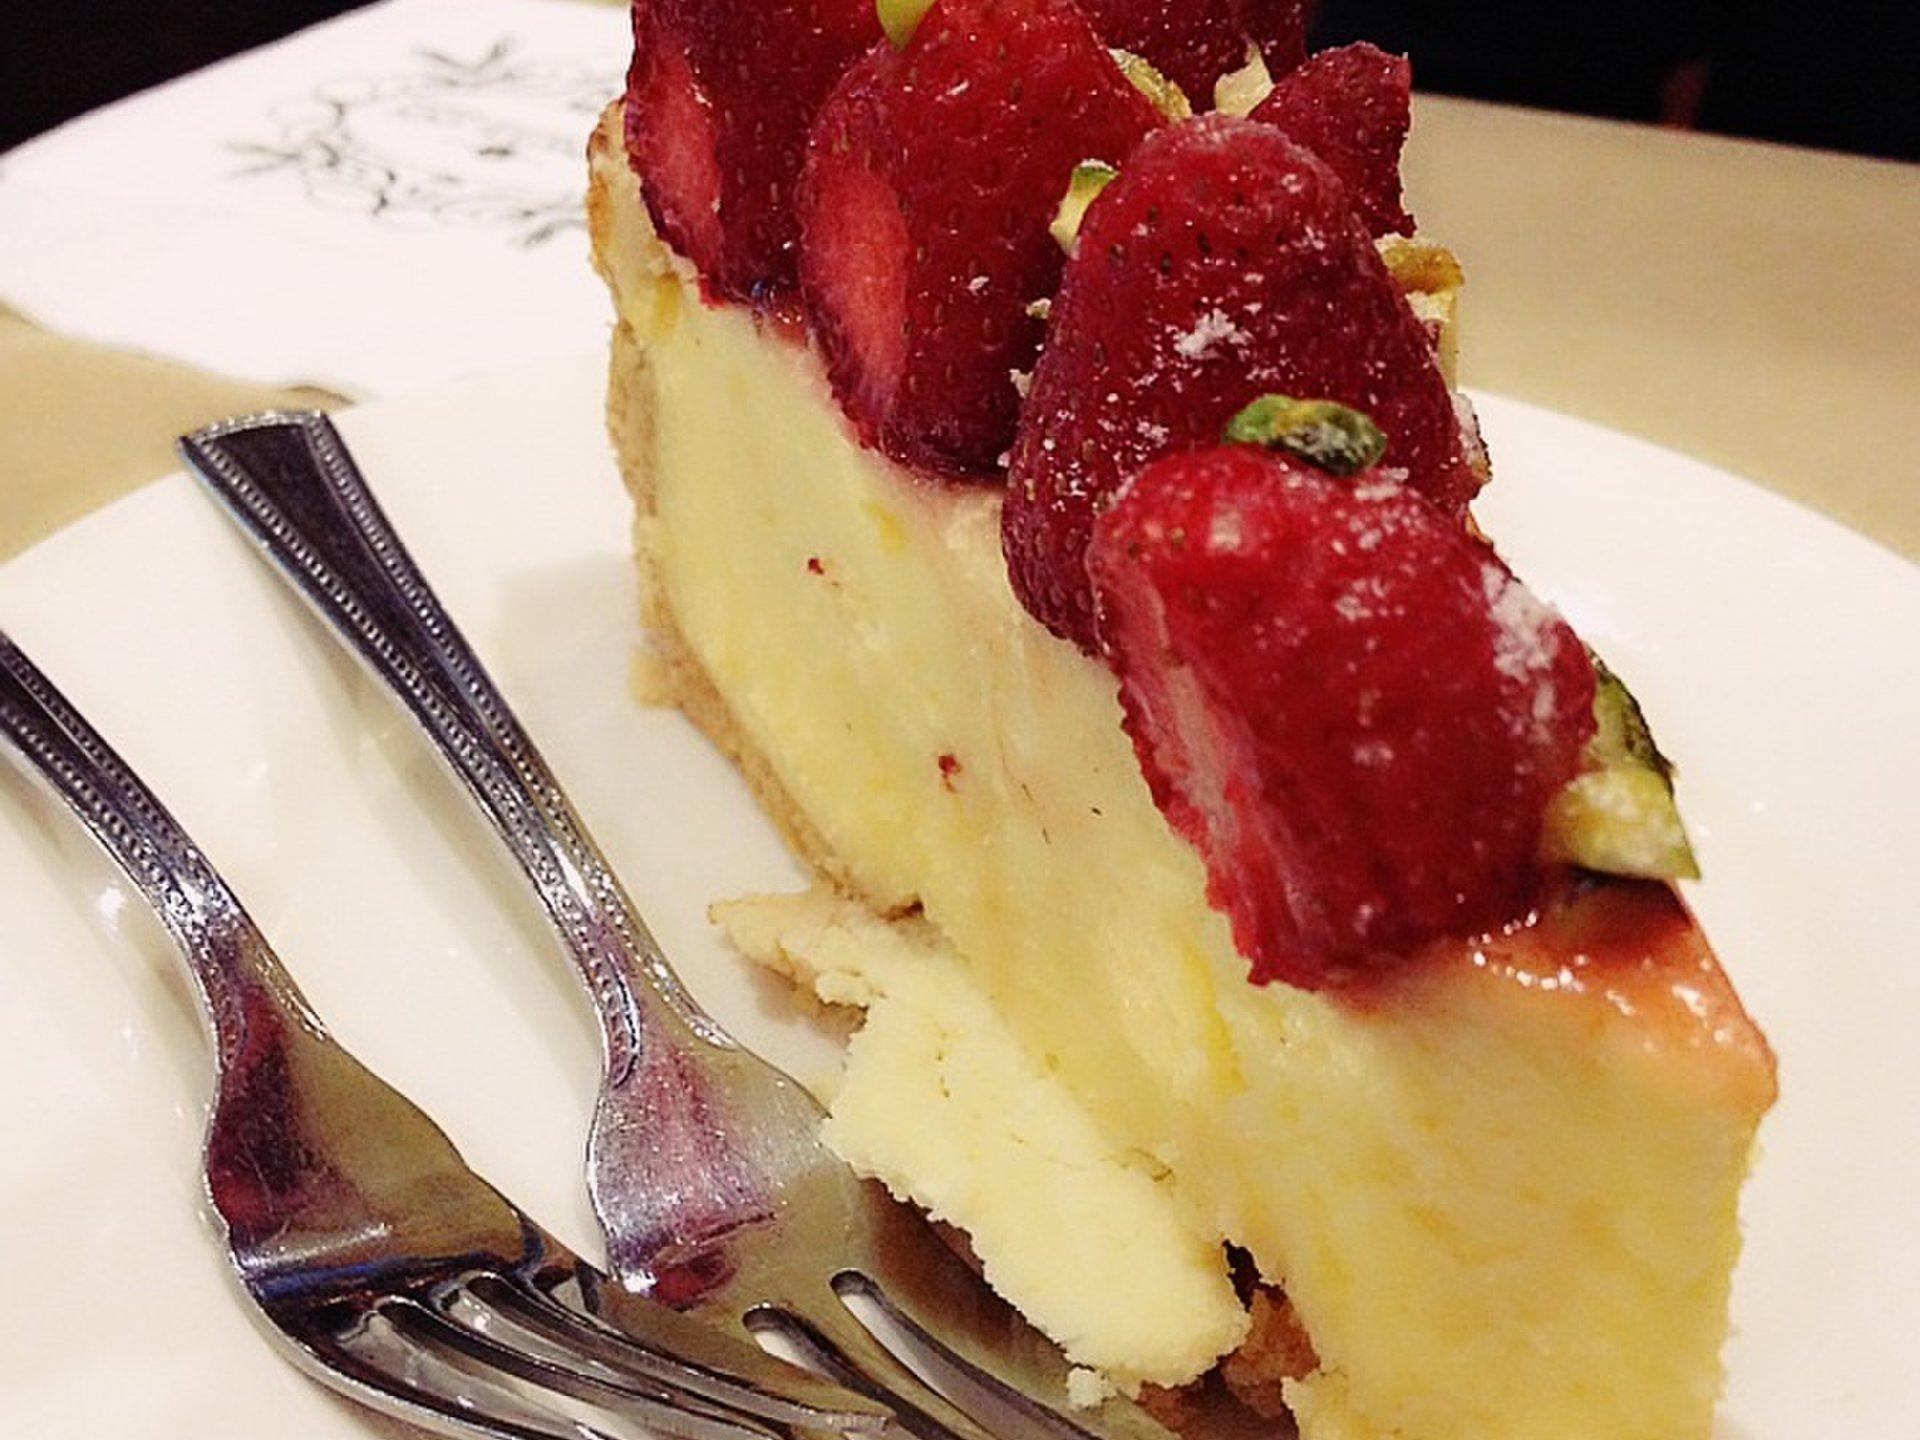 豪州定番お土産&テイクアウトもしたくなる♪可愛い苺ケーキ等のあるカフェのご紹介(*^^*)